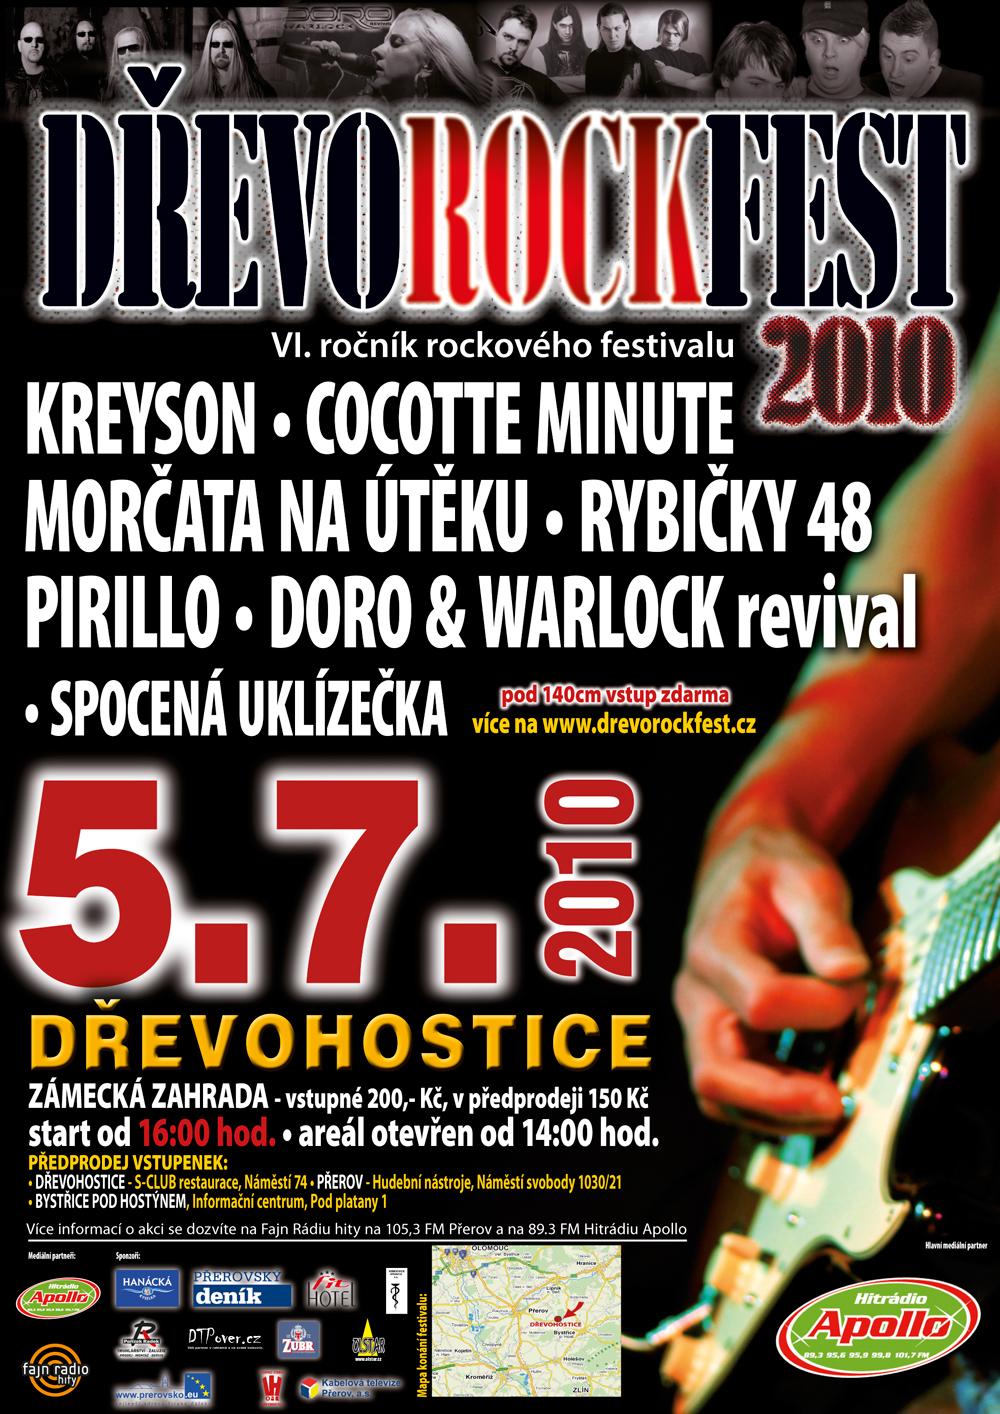 DŘEVOROCKFEST 2010 - plakát